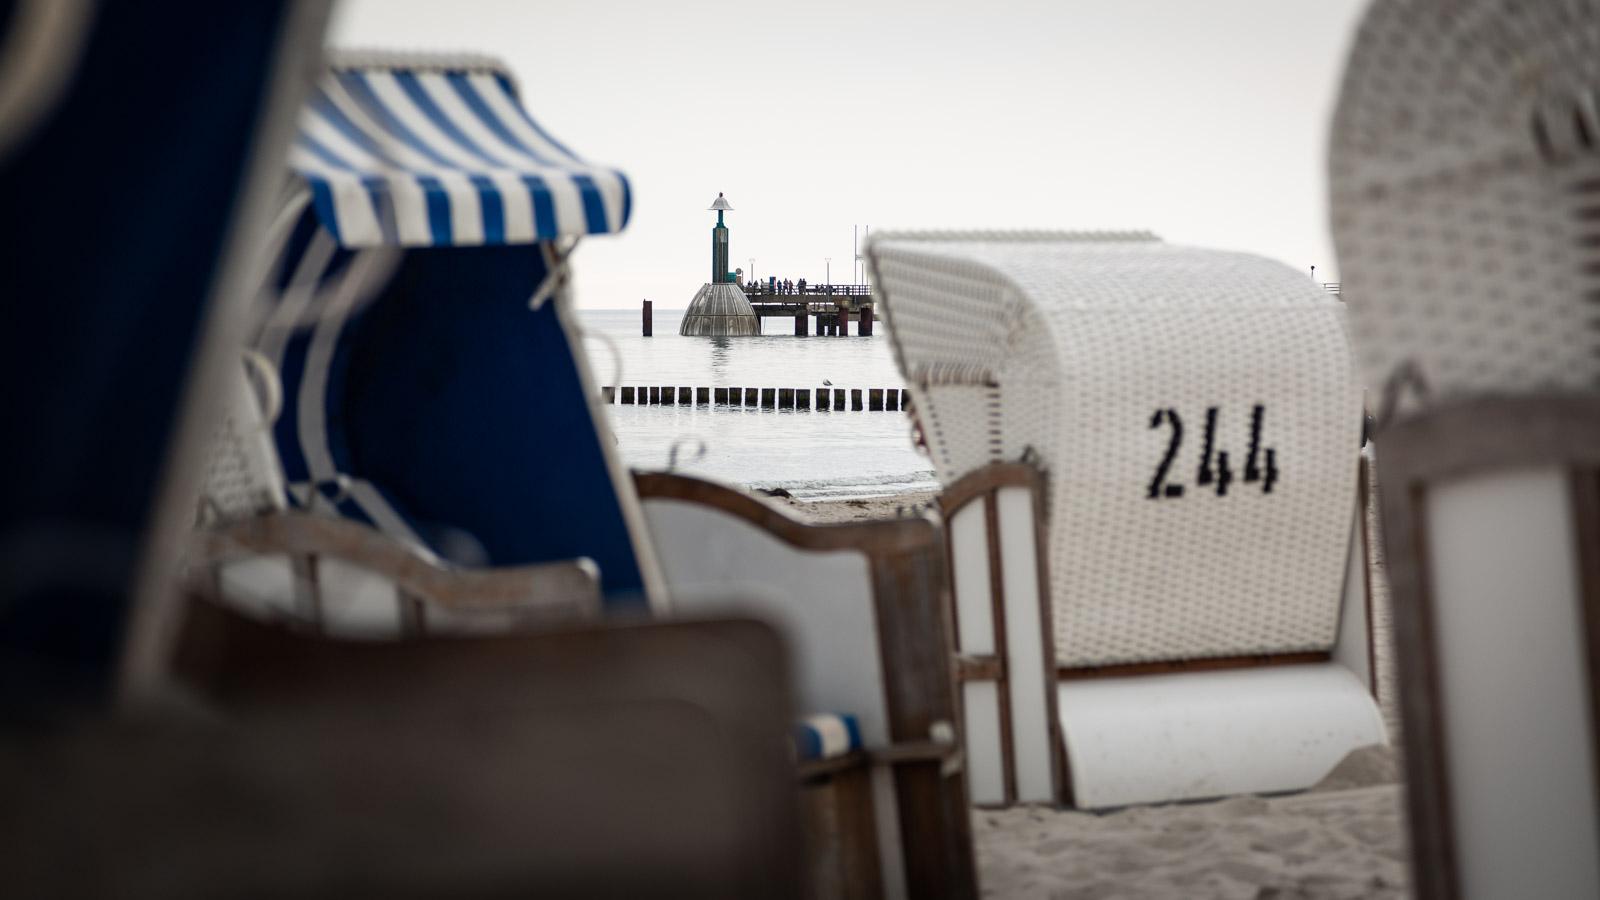 Die Tauchgondel an der Seebrücke Zingst ist abgetaucht. Im Vordergrund Strandkörbe.